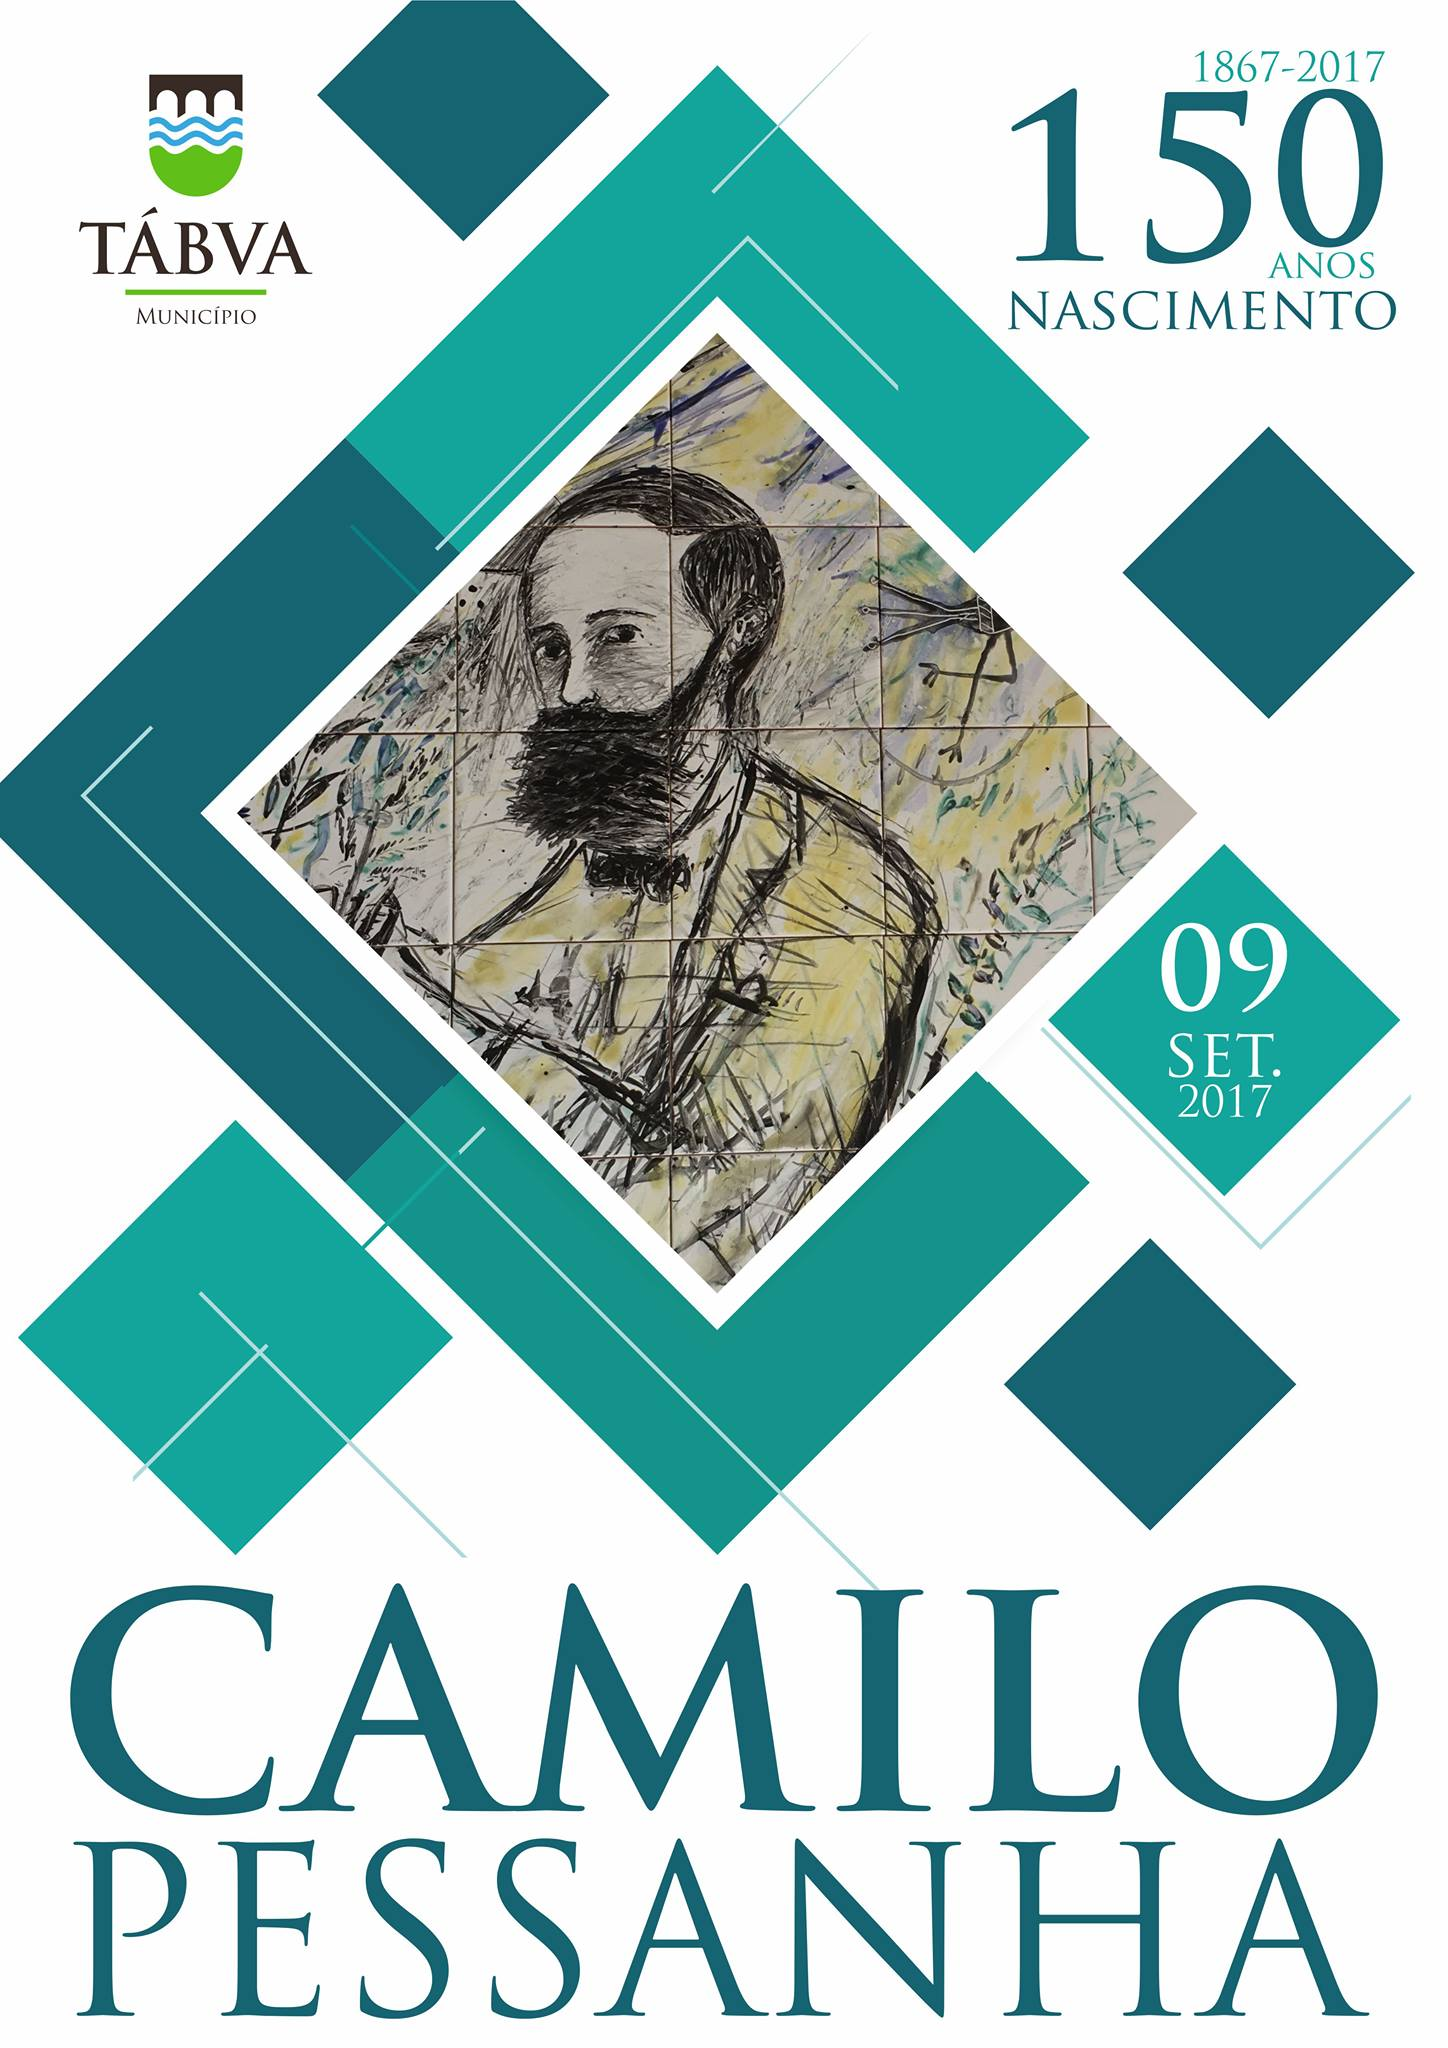 150 anos dos nascimento de Camilo Pessanha em Tábua